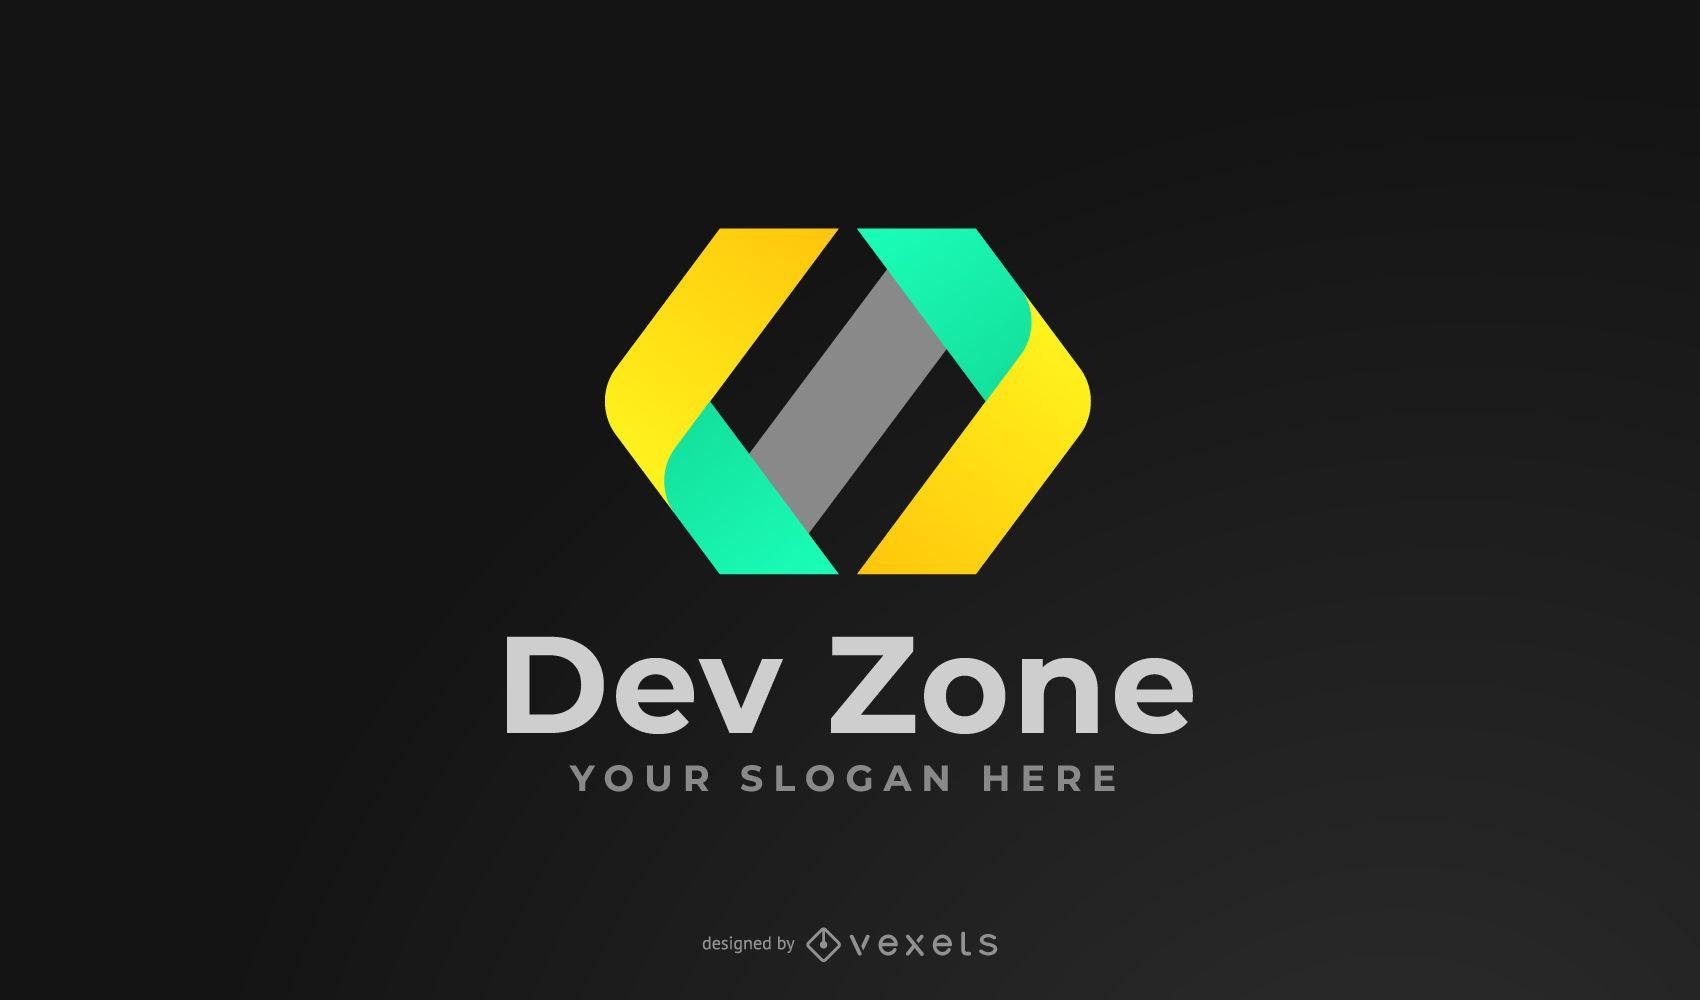 Dev Zone Logo Design